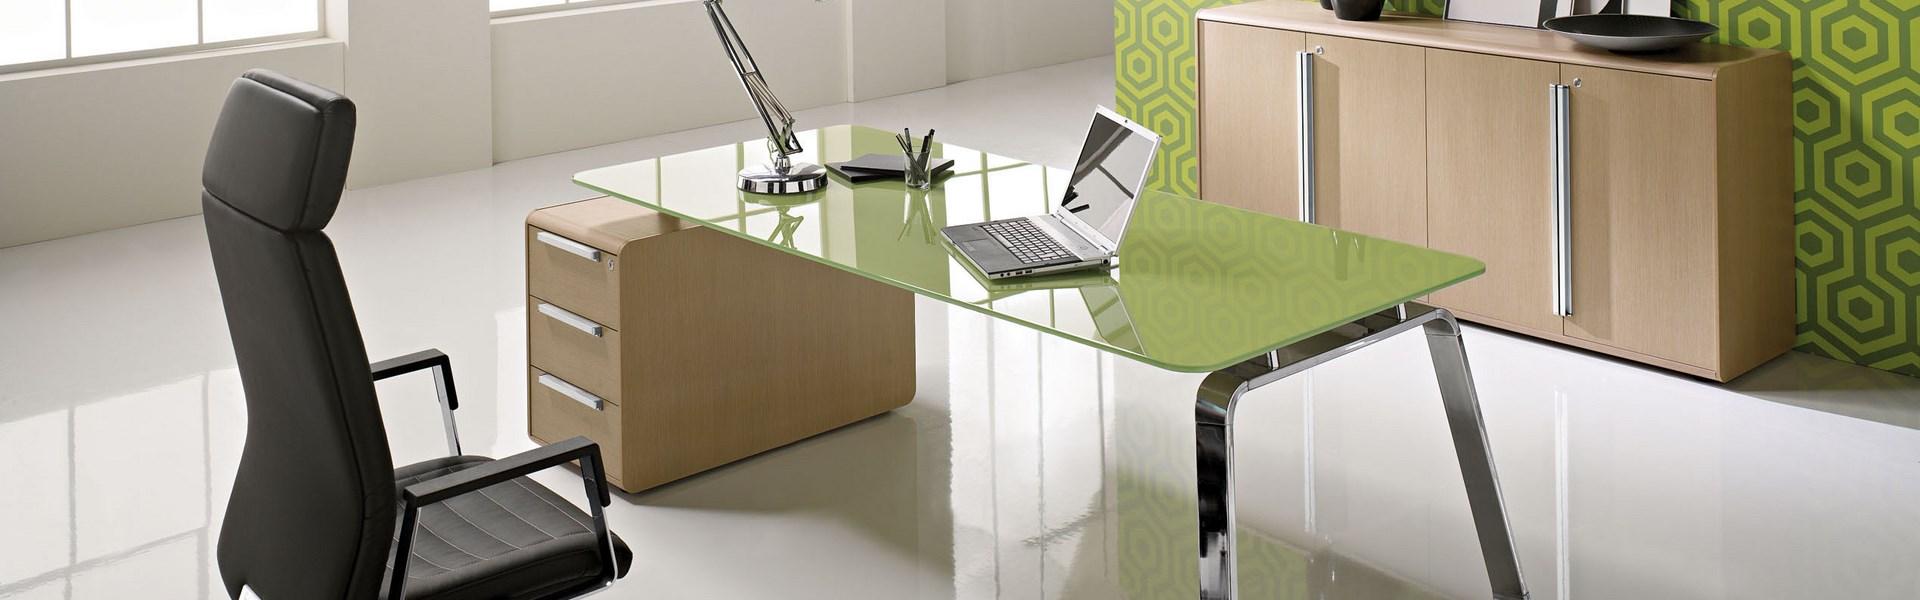 Home Page - CS TRADING mobili per Ufficio e centro per la sicurezza ...